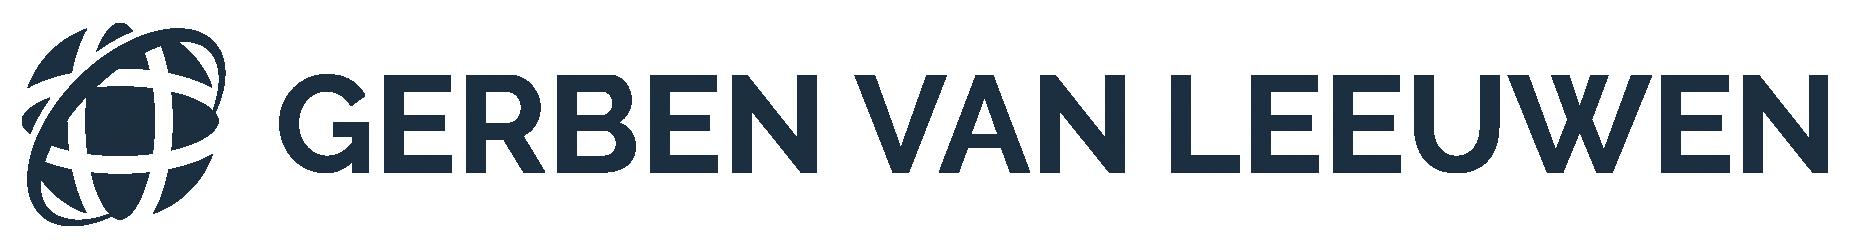 Gerben van leeuwen-Logo